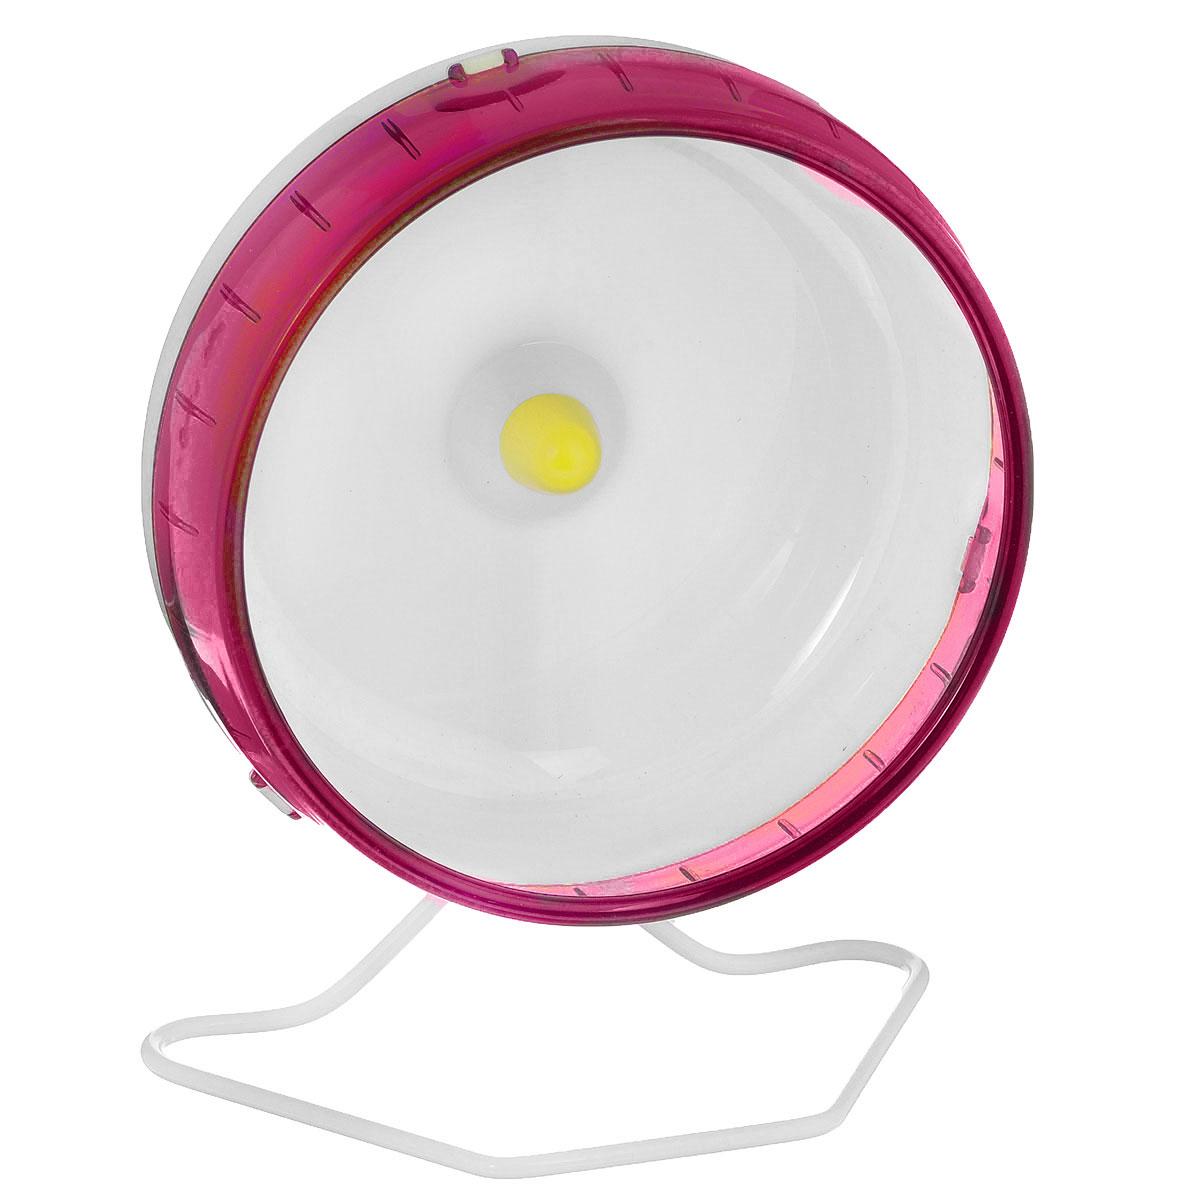 """Колесо для грызунов """"I.P.T.S."""", цвет: красный, белый, диаметр 16,5 см"""